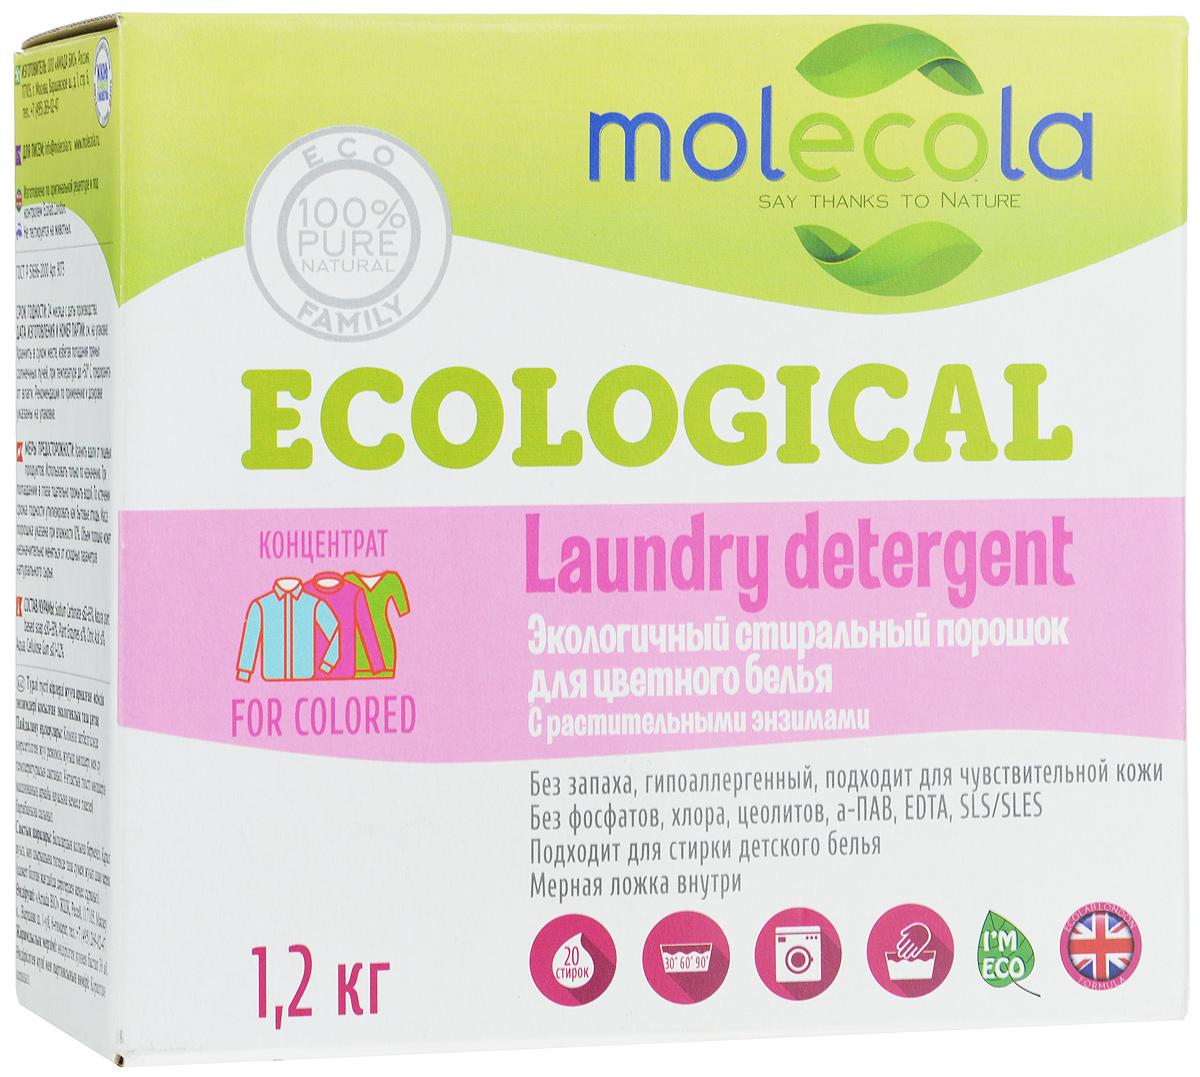 Стиральный порошок Molecola, для цветного белья, с растительными энзимами, 1,2 кг9073Стиральный порошок Molecola эффективно удаляет загрязнения, не повреждая волокна ткани, сохраняет насыщенный цвет и первоначальный внешний вид одежды и белья, обеспечивает защиту от изнашивания. Высокая концентрация натурального мыла обеспечивает эффективную стирку и экономию средства. Рекомендован для стирки детского белья с первых дней жизни и одежды беременных и кормящих женщин, а так же людей, имеющих аллергическую реакцию на средства бытовой химии. Стиральный порошок Molecola защищает стиральную машину от накипи, не наносит вреда окружающей среде, полностью биоразлагаем. Не содержит оптического отбеливателя, фосфатов, хлора, цеолитов, а-ПАВ, EDTA, SLS/SLES, искусственных красителей и синтетических ароматизаторов. В коробке находится мерная ложка. Подходит для стиральных машин любого типа и ручной стирки. Предназначен для стирки хлопчатобумажных, льняных тканей, изделий из вискозы и искусственных волокон. Рекомендуемая температура...